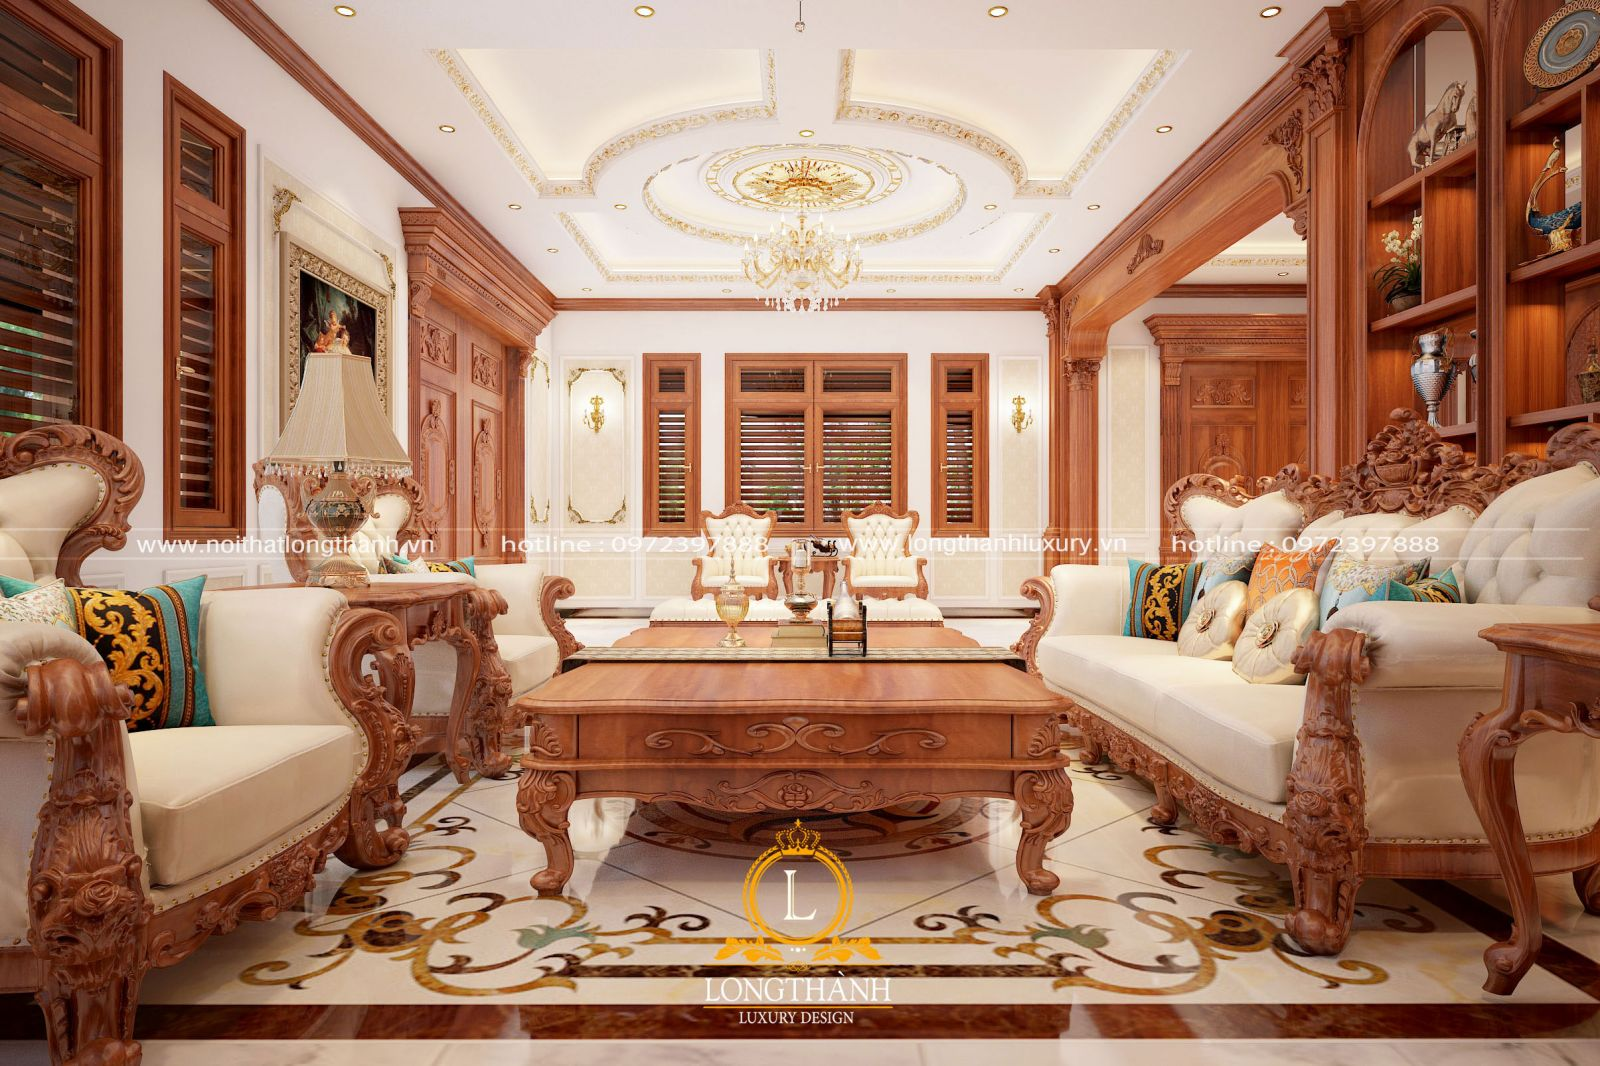 Thiết kế và trang trí không gian phòng khách biệt thự theo kiểu tân cổ điển